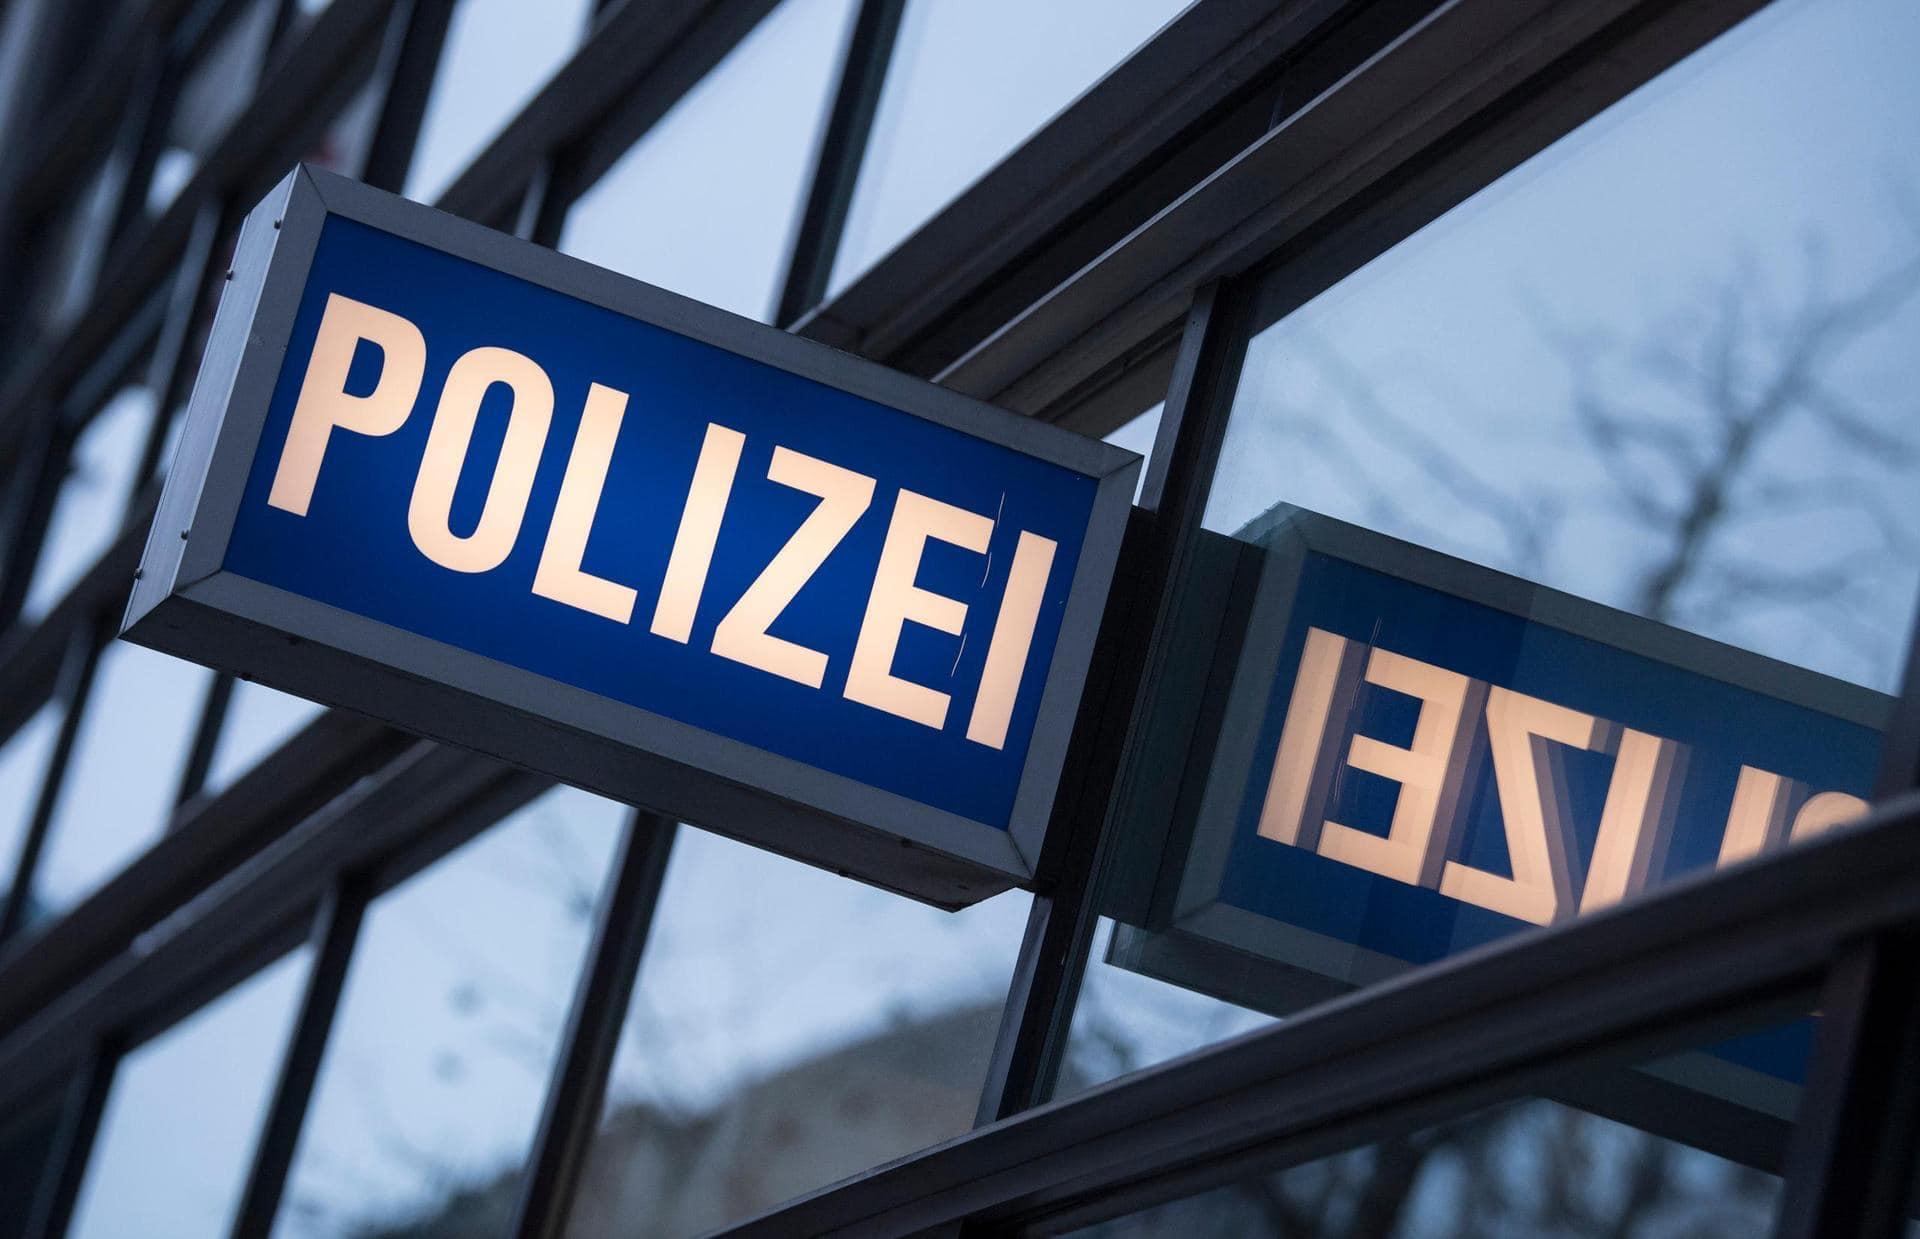 Regensburgern gelingt Schlag gegen Telefonbetrüger Ermittlungen gegen Callcenterbetrüger führten zu Durchsuchungsmaßnahmen und Festnahmen. Dabei stellten die Kriminalpolizisten Beweismaterial sicher